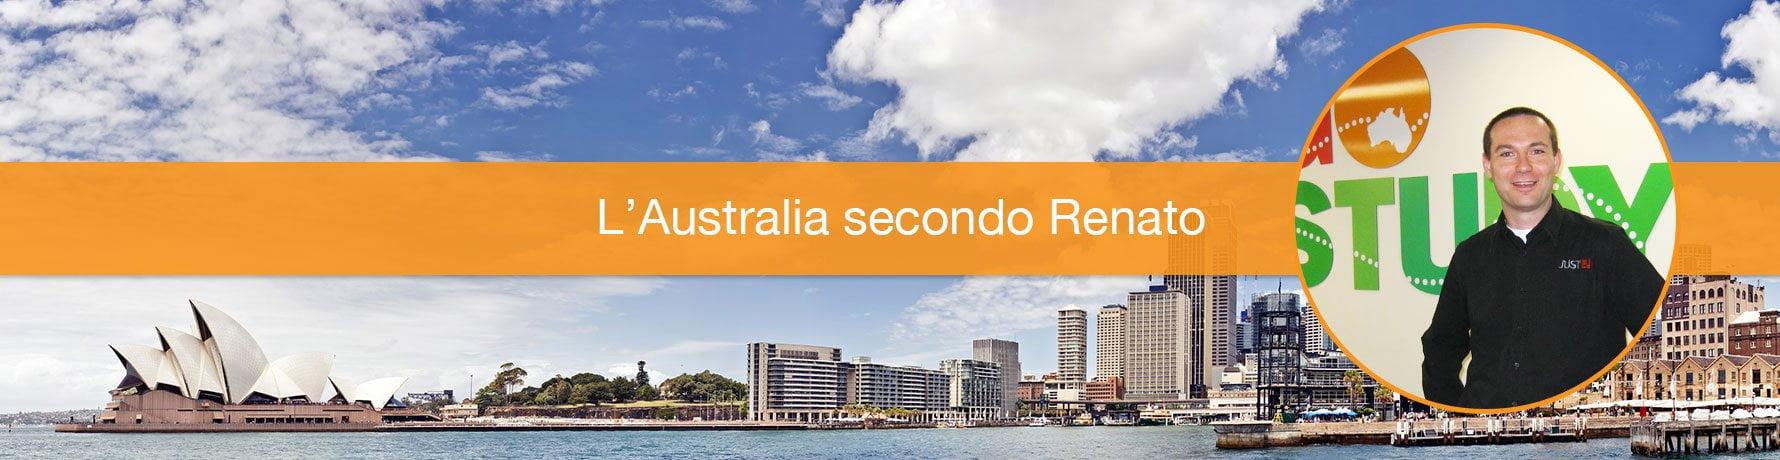 L'esperienza di Renato in Australia